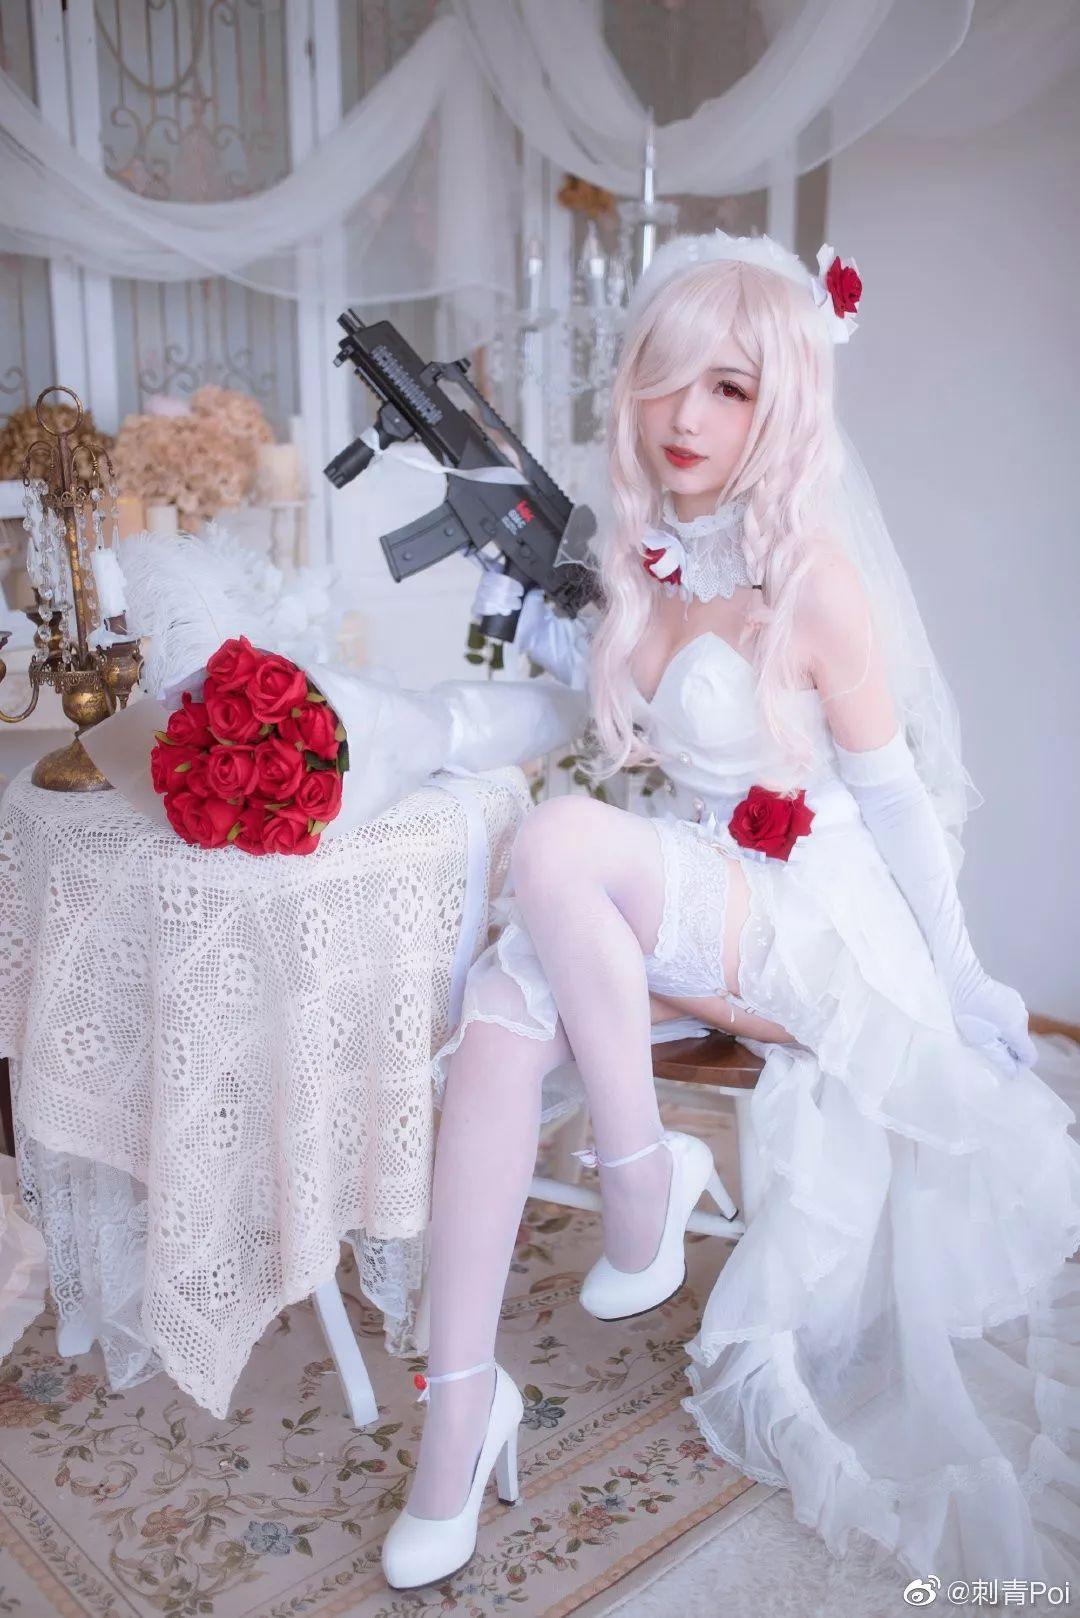 cosplay – 《少女前线》白丝花嫁G36C_图片 No.8